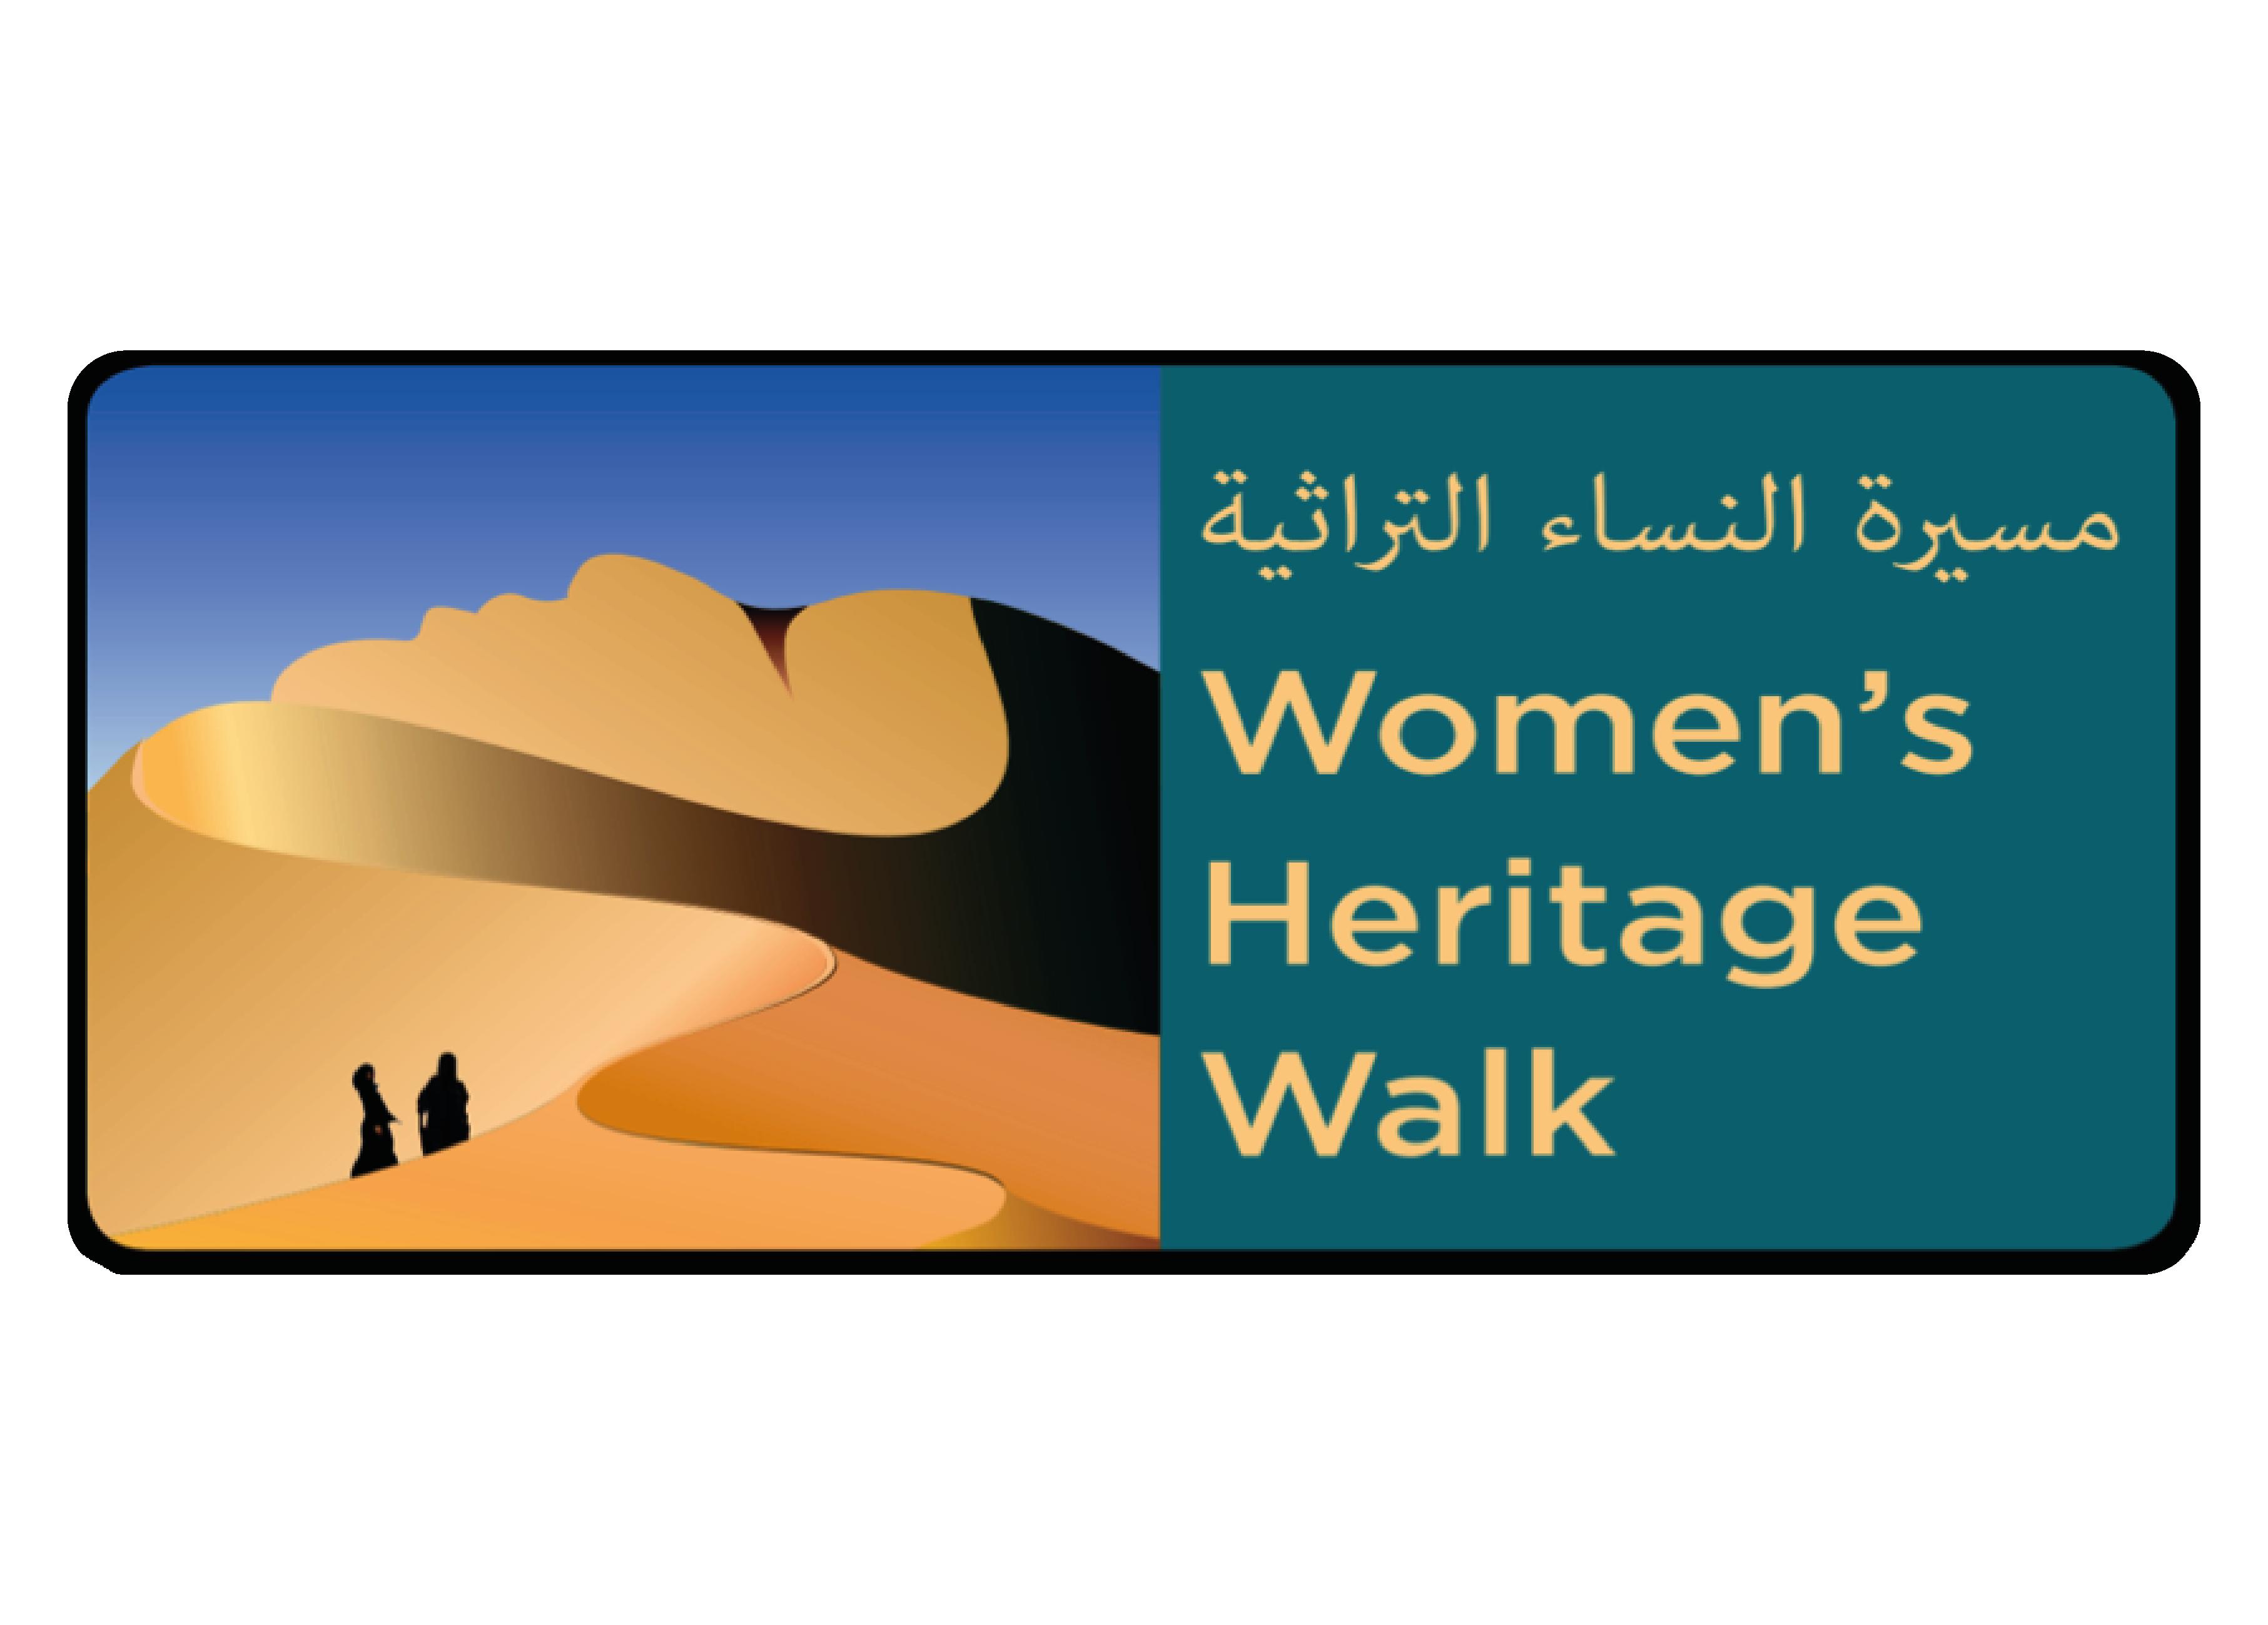 Women's Heritage Walk